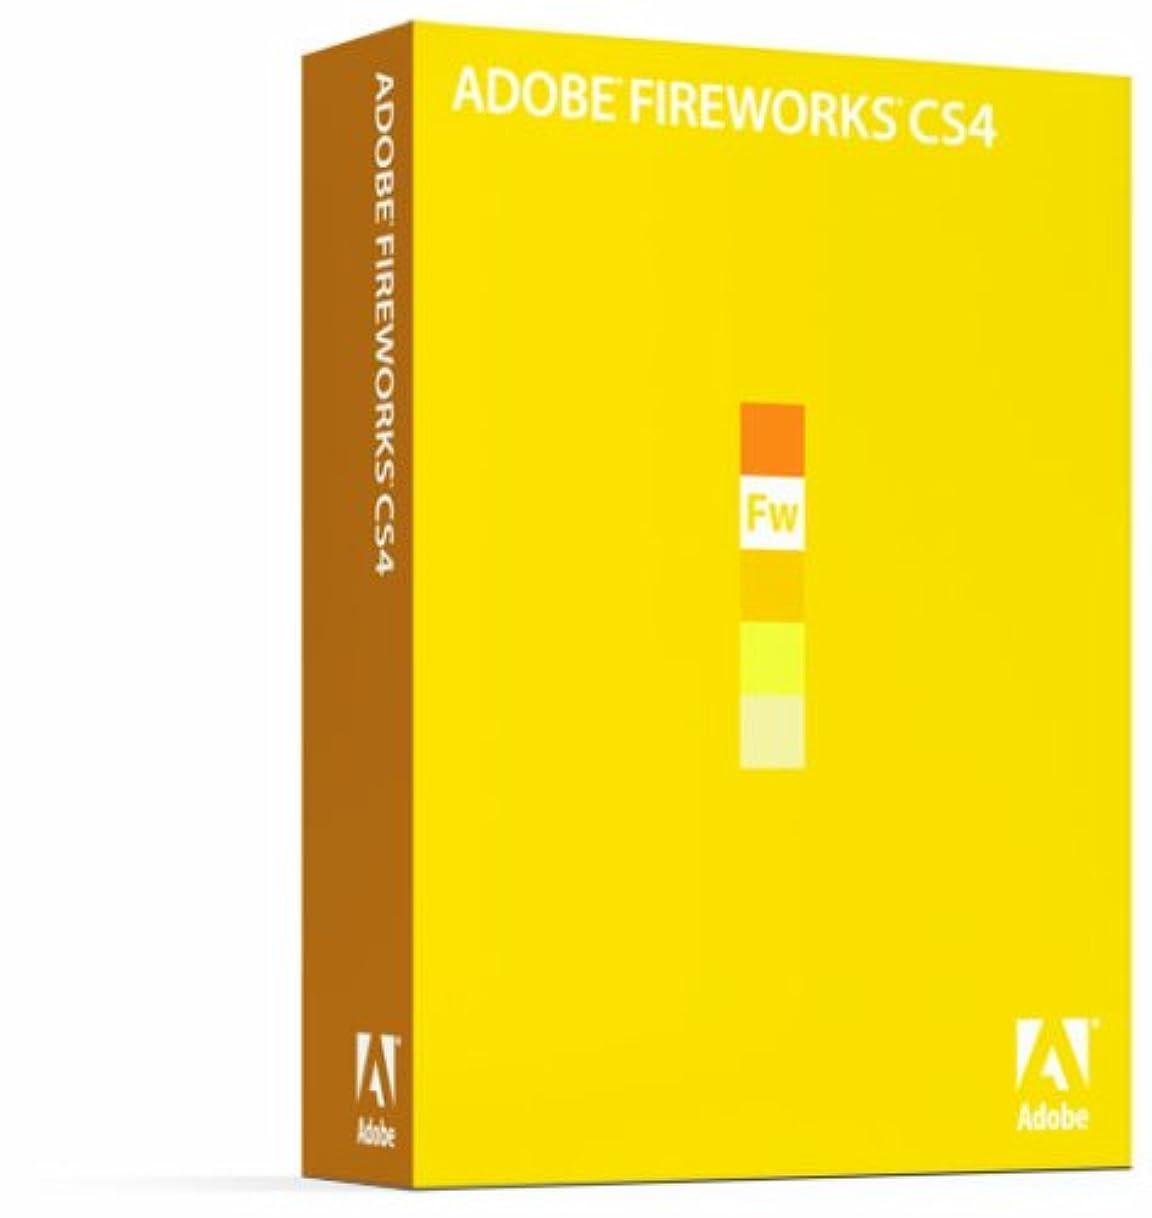 不潔確立ファントムAdobe Fireworks CS4 (V10.0) 日本語版 Windows版 (旧製品)